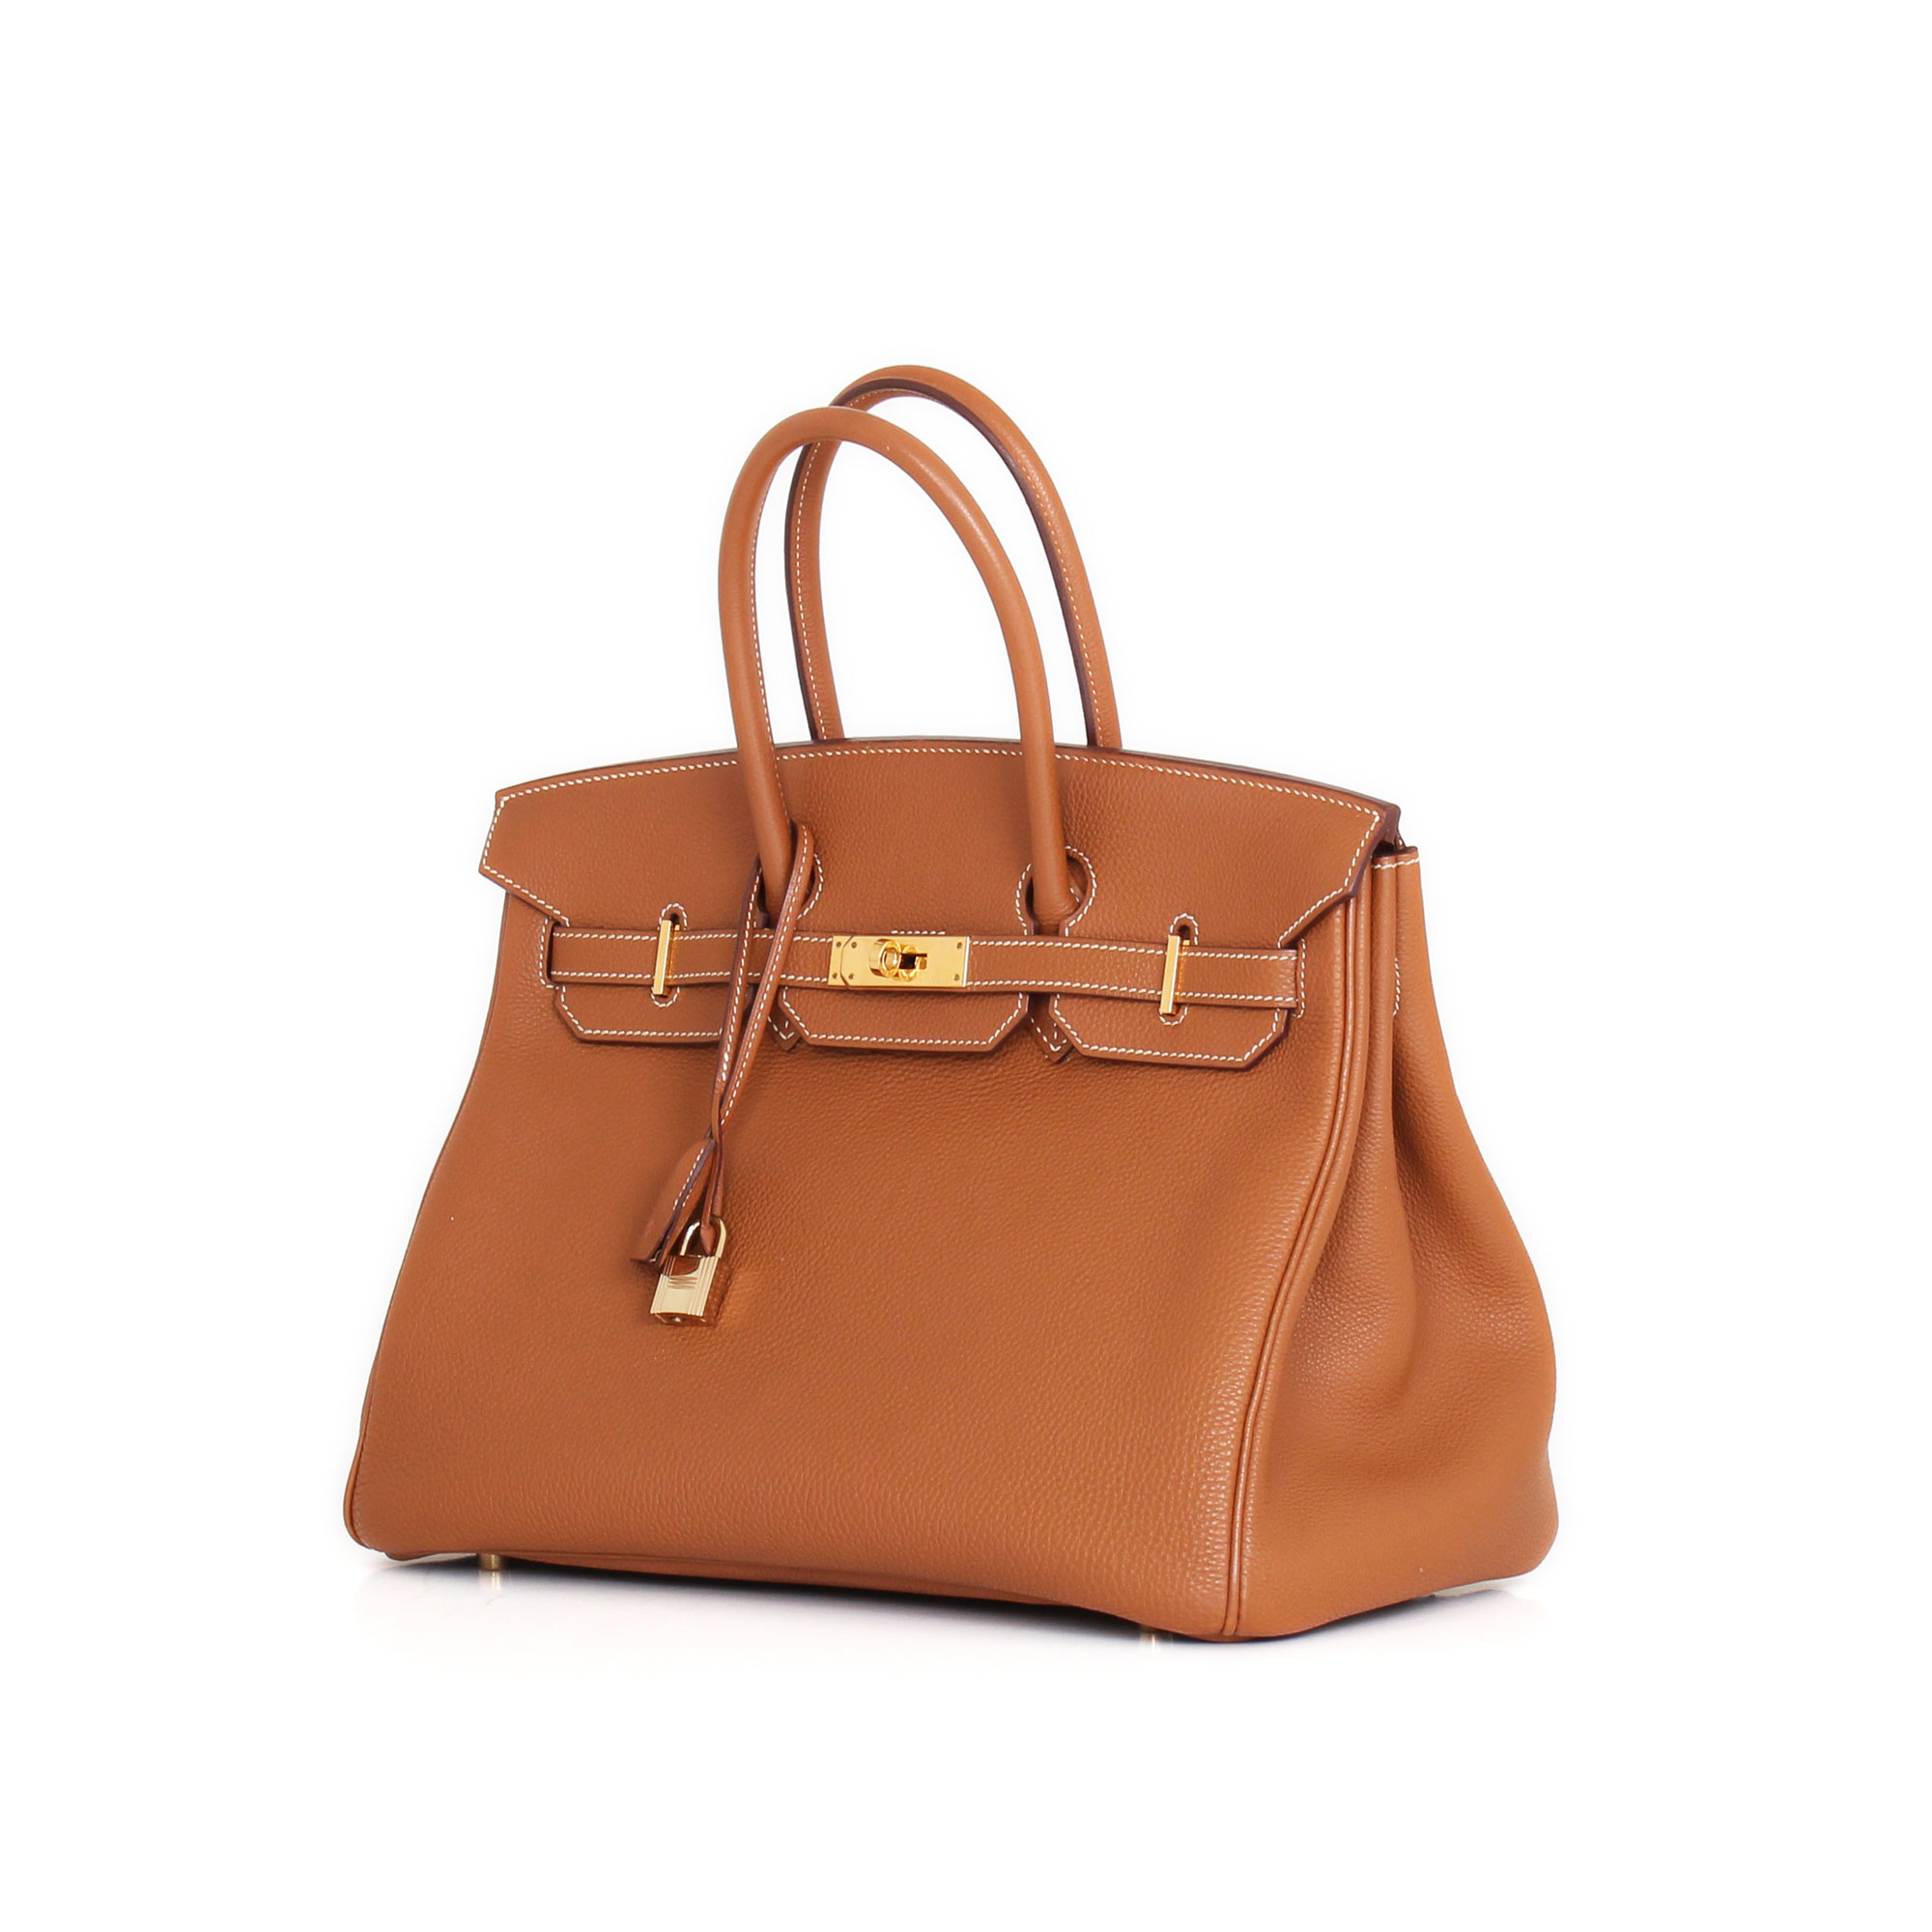 1ec76662689 Hermès Bag Birkin 35 leather Togo Gold and golden hardware